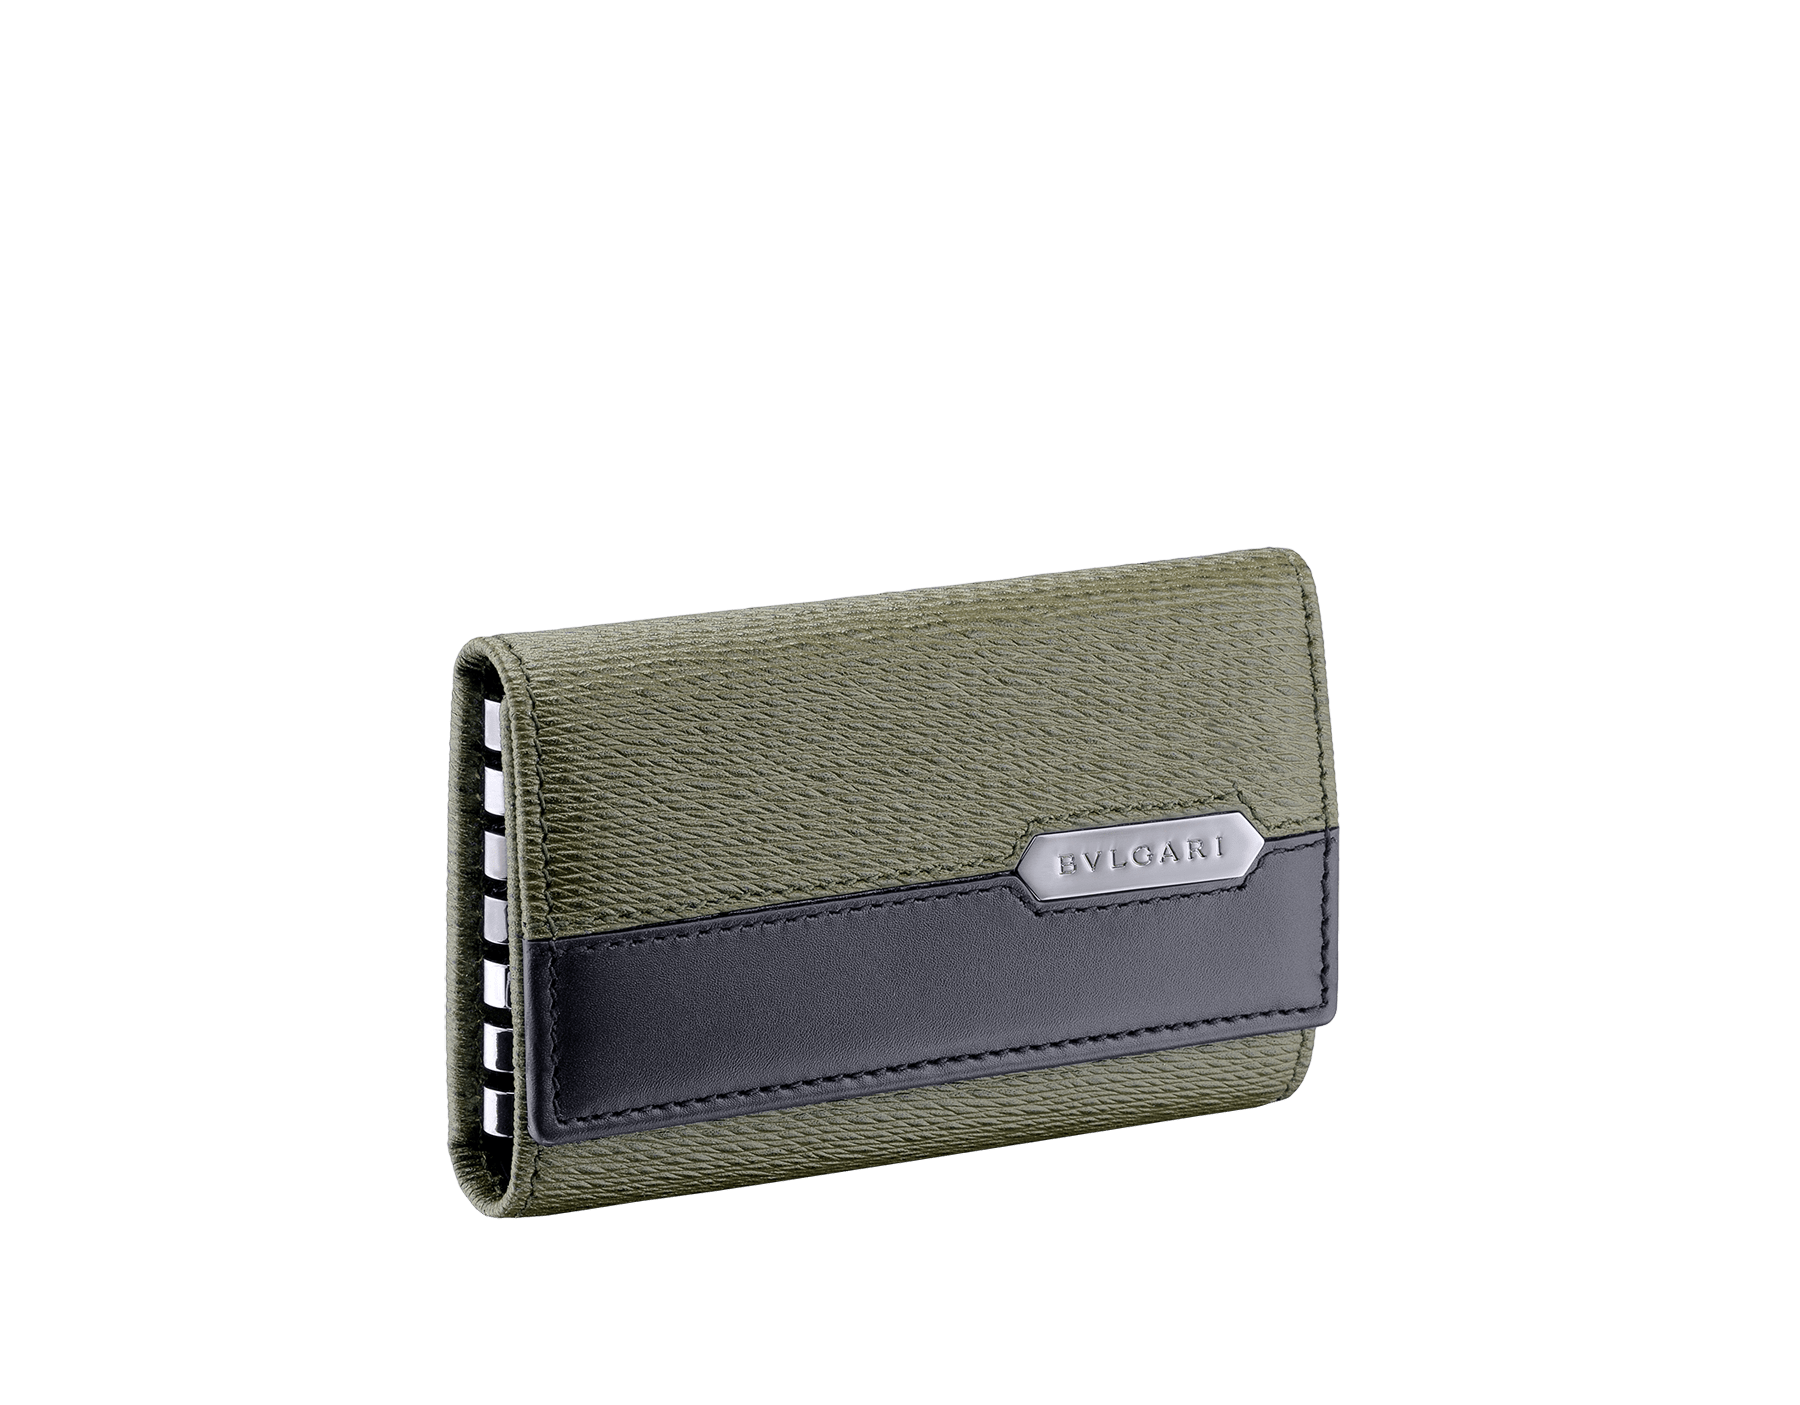 ミメティックジェイドのグレイズドカーフレザー、およびブラックのカーフレザー製「セルペンティ スカリエ マン」キーホルダー。ヘビのうろこをモチーフとしたヘキサゴナルなメタルプレートにブルガリのロゴをエングレーヴィング。プレートはダークルテニウム仕上げ。 581-KEYHOLDER-CAR image 1